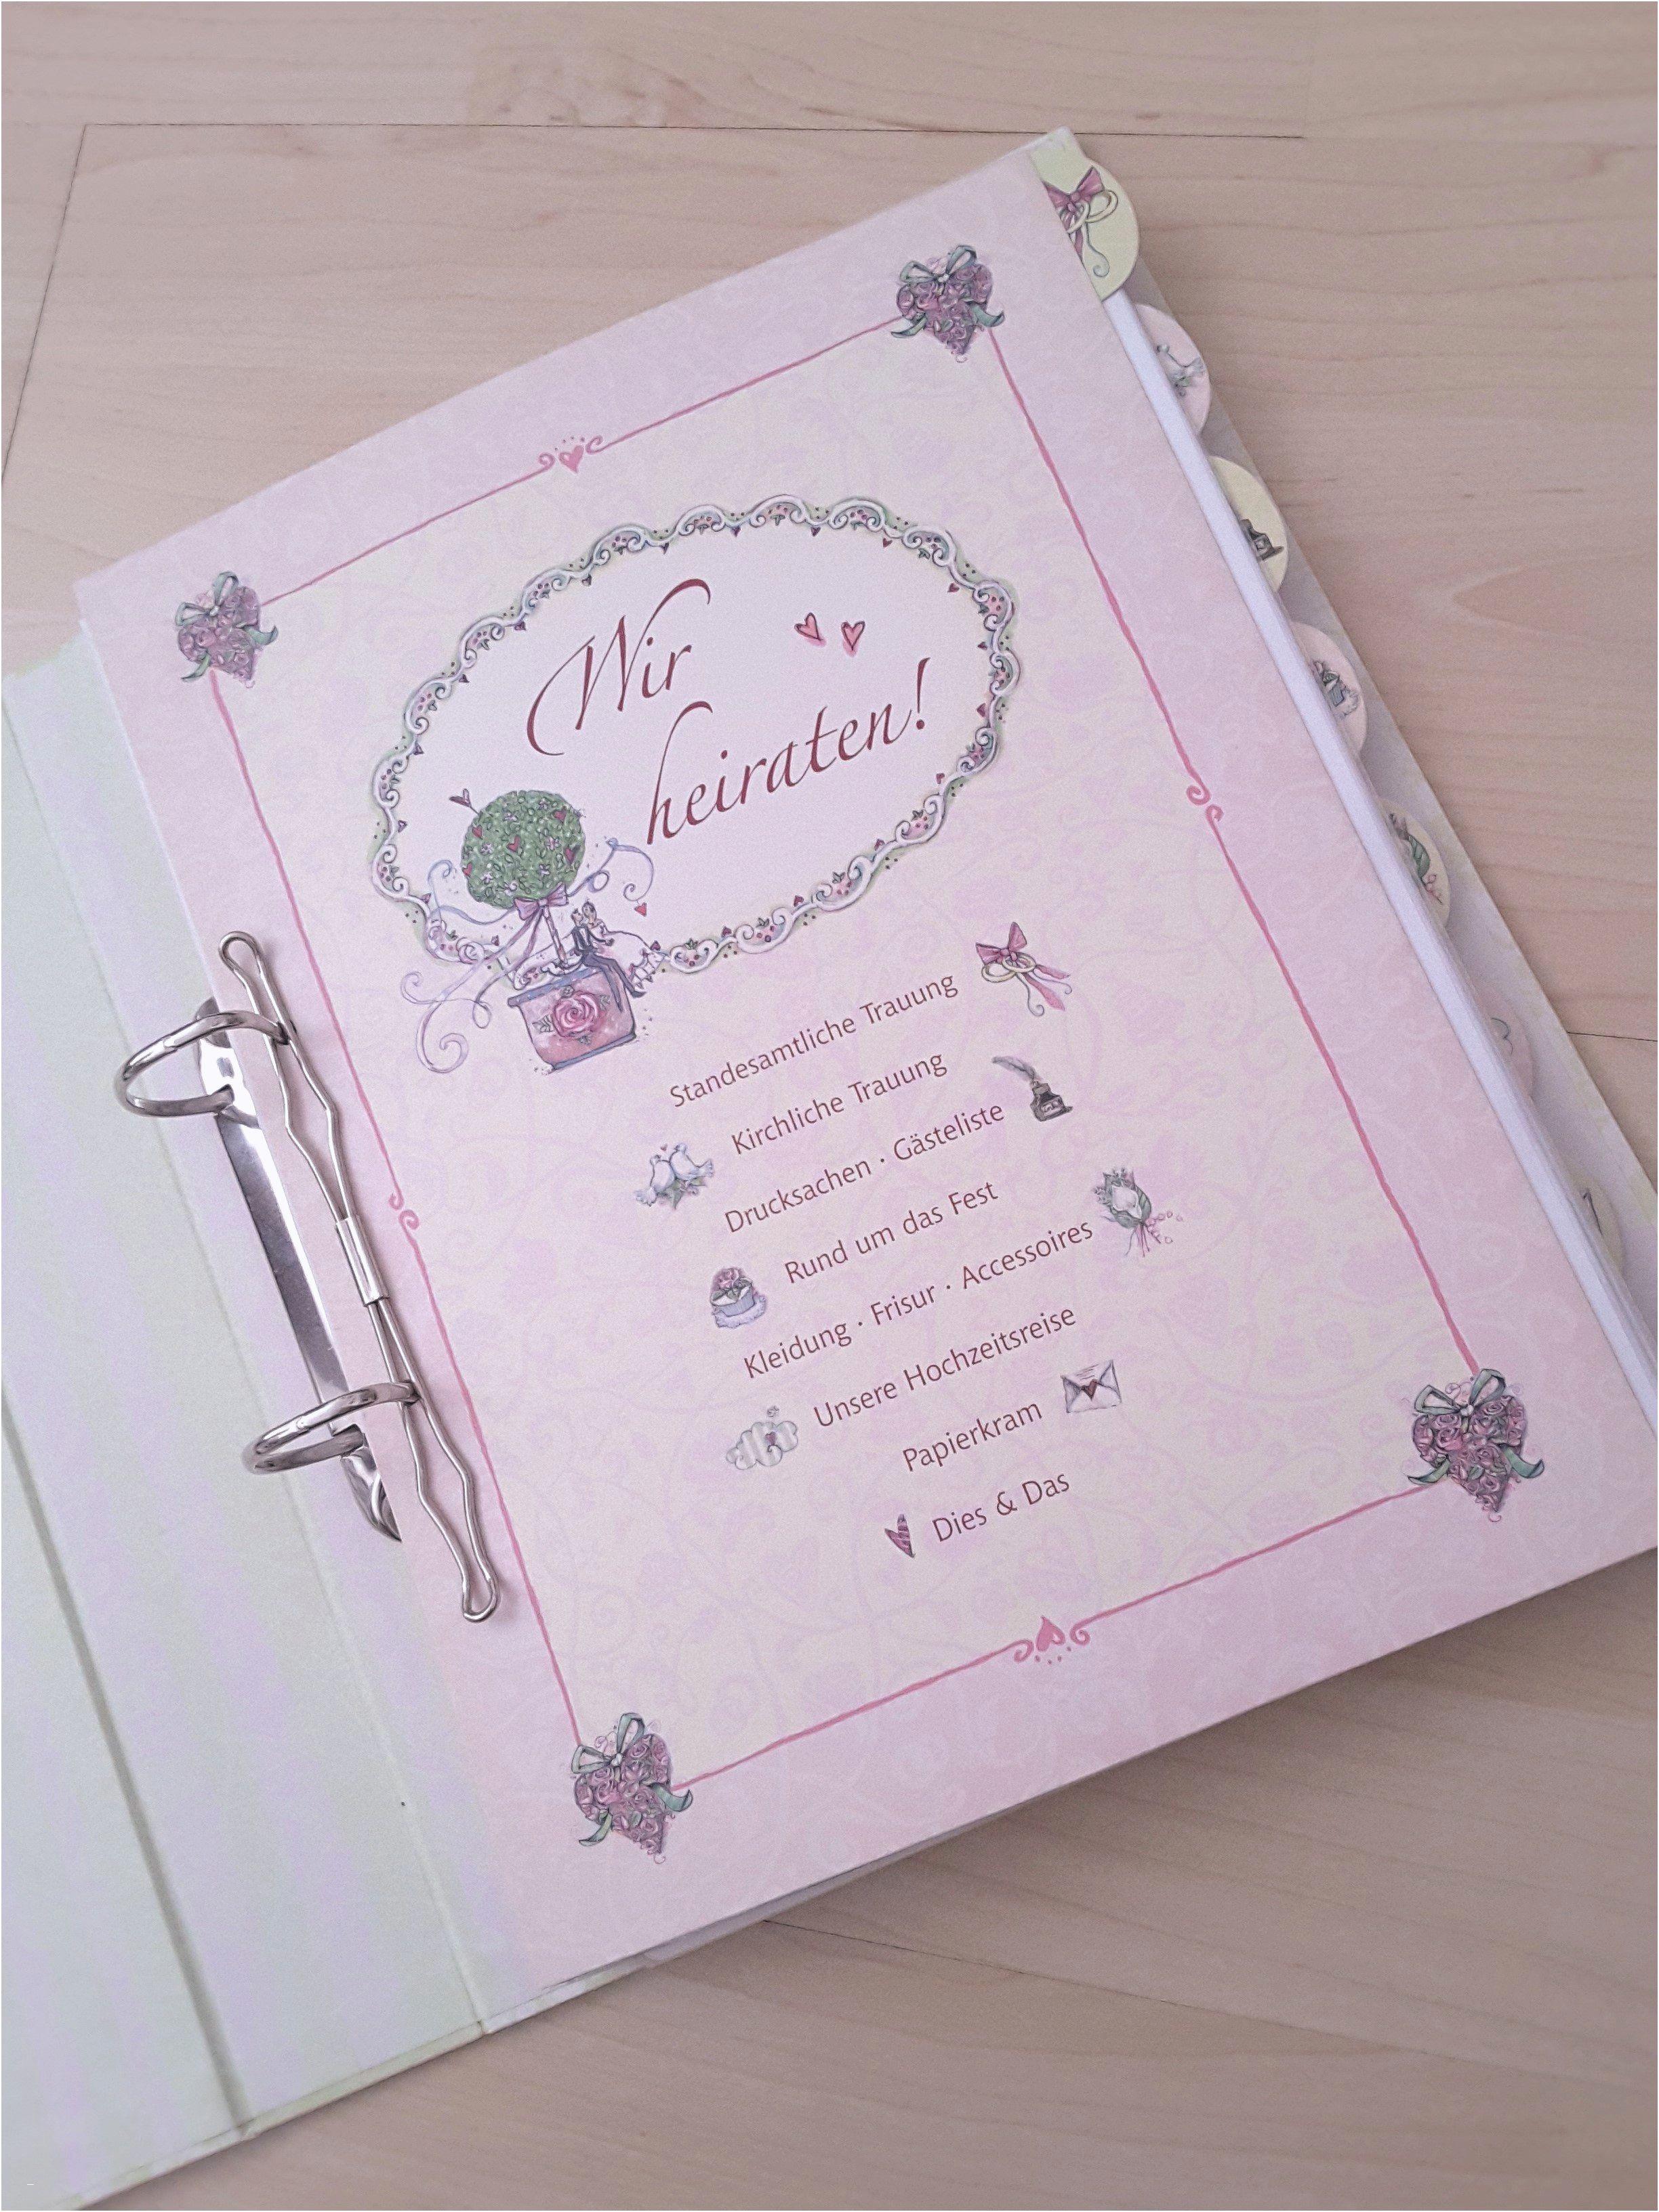 Gästebuch Hochzeit Gestalten Vorlagen  Gästebuch Hochzeit Gestalten Vorlagen Kostenlos Menükarte